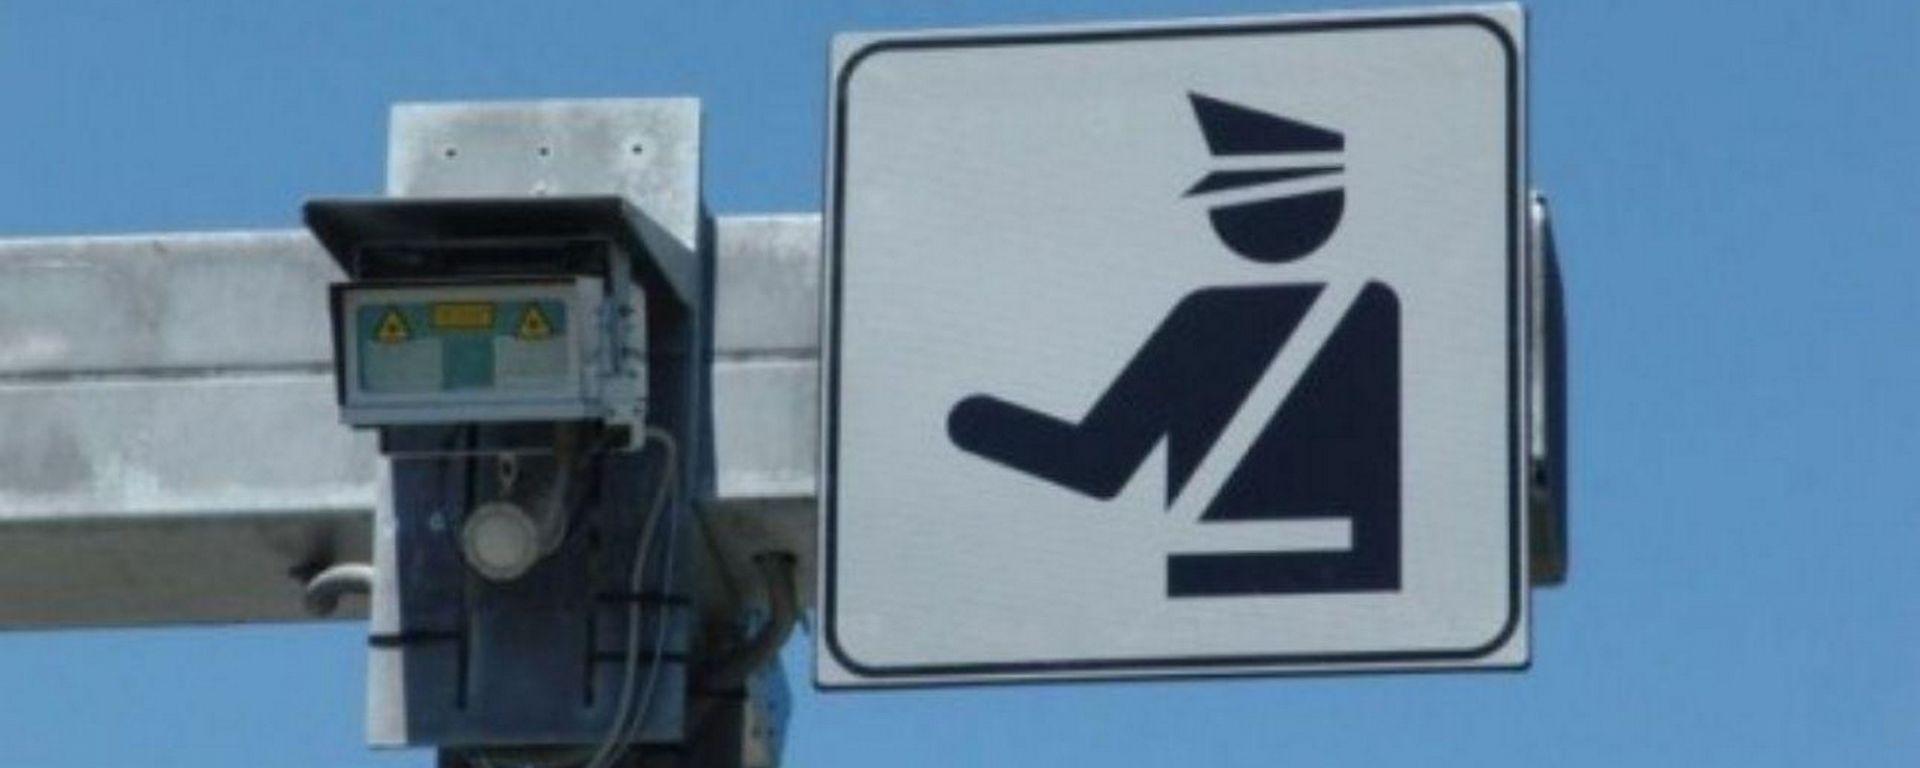 Autostrade: Tutor spenti, niente riaccensione il 25 luglio